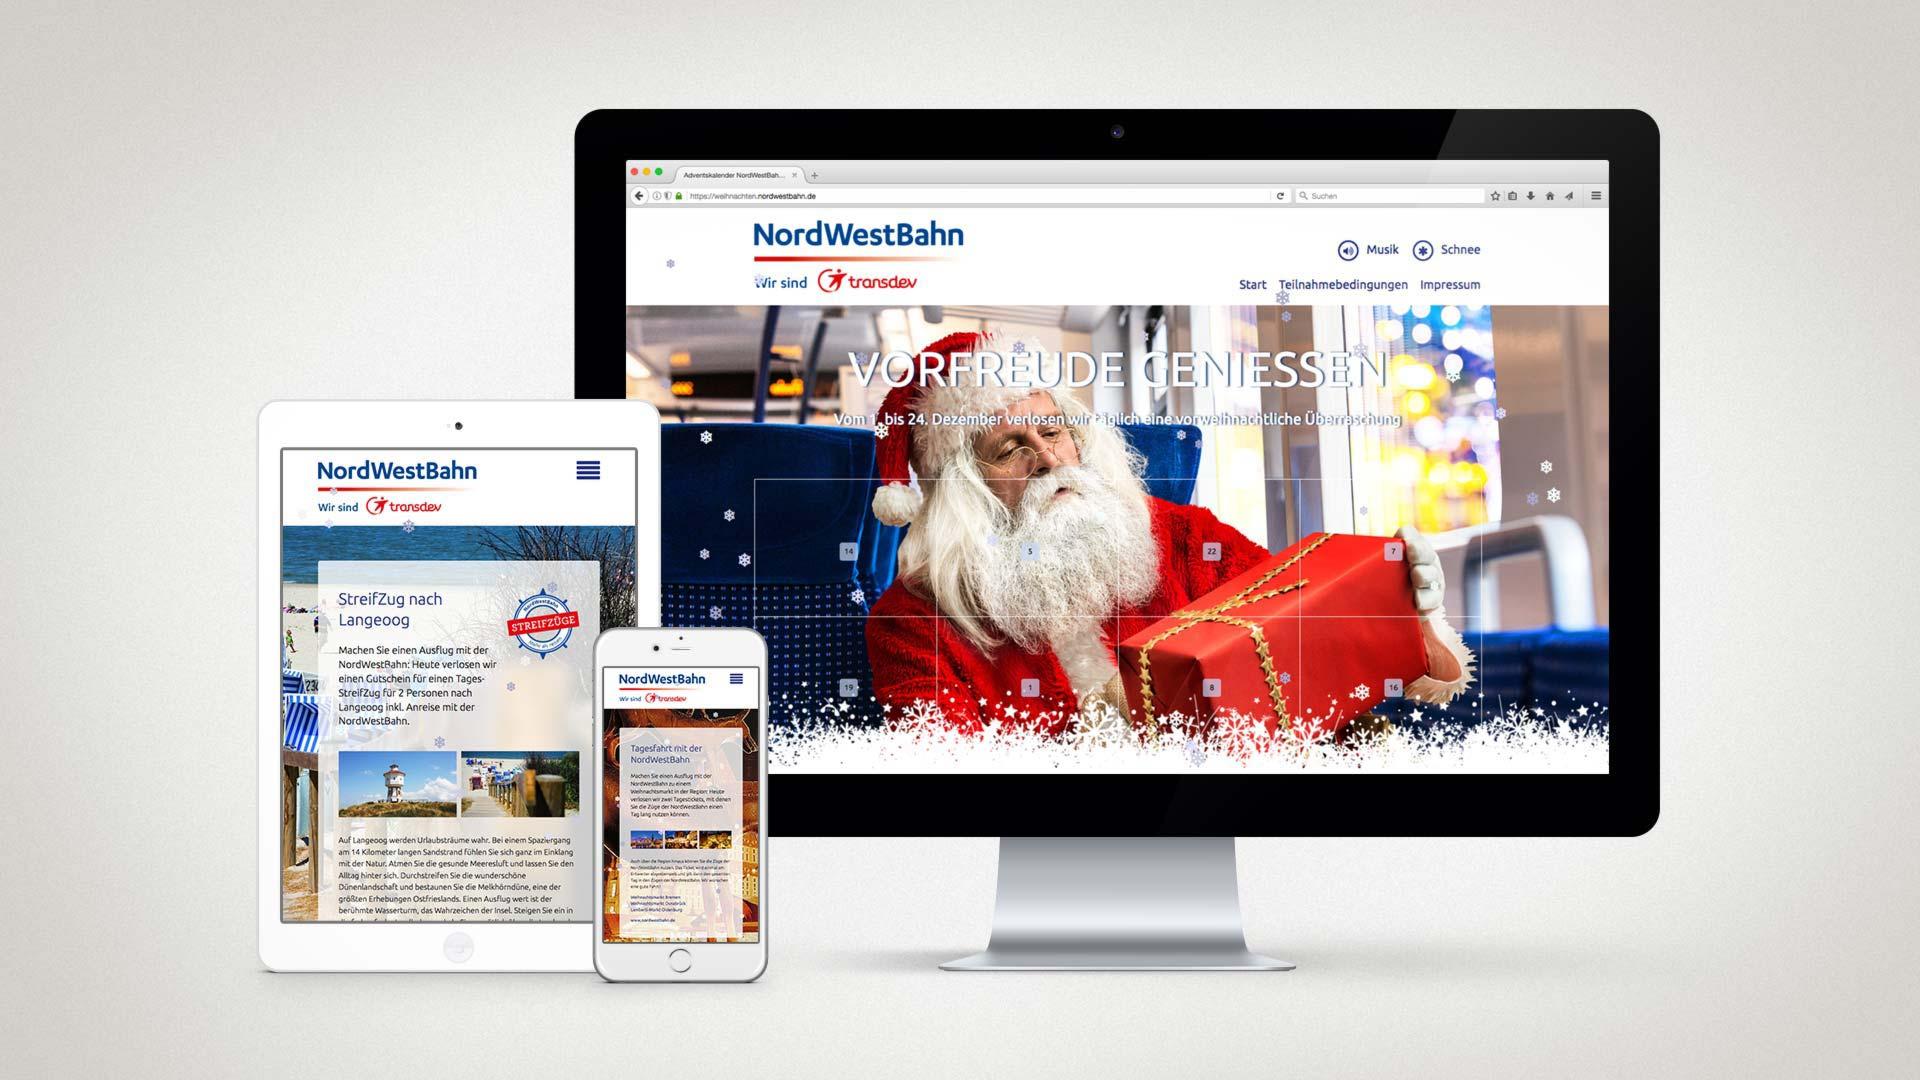 artventura-Projekt Online-Adventskalender:Responsive Ansichten von Startseite und Tagesgewinnen